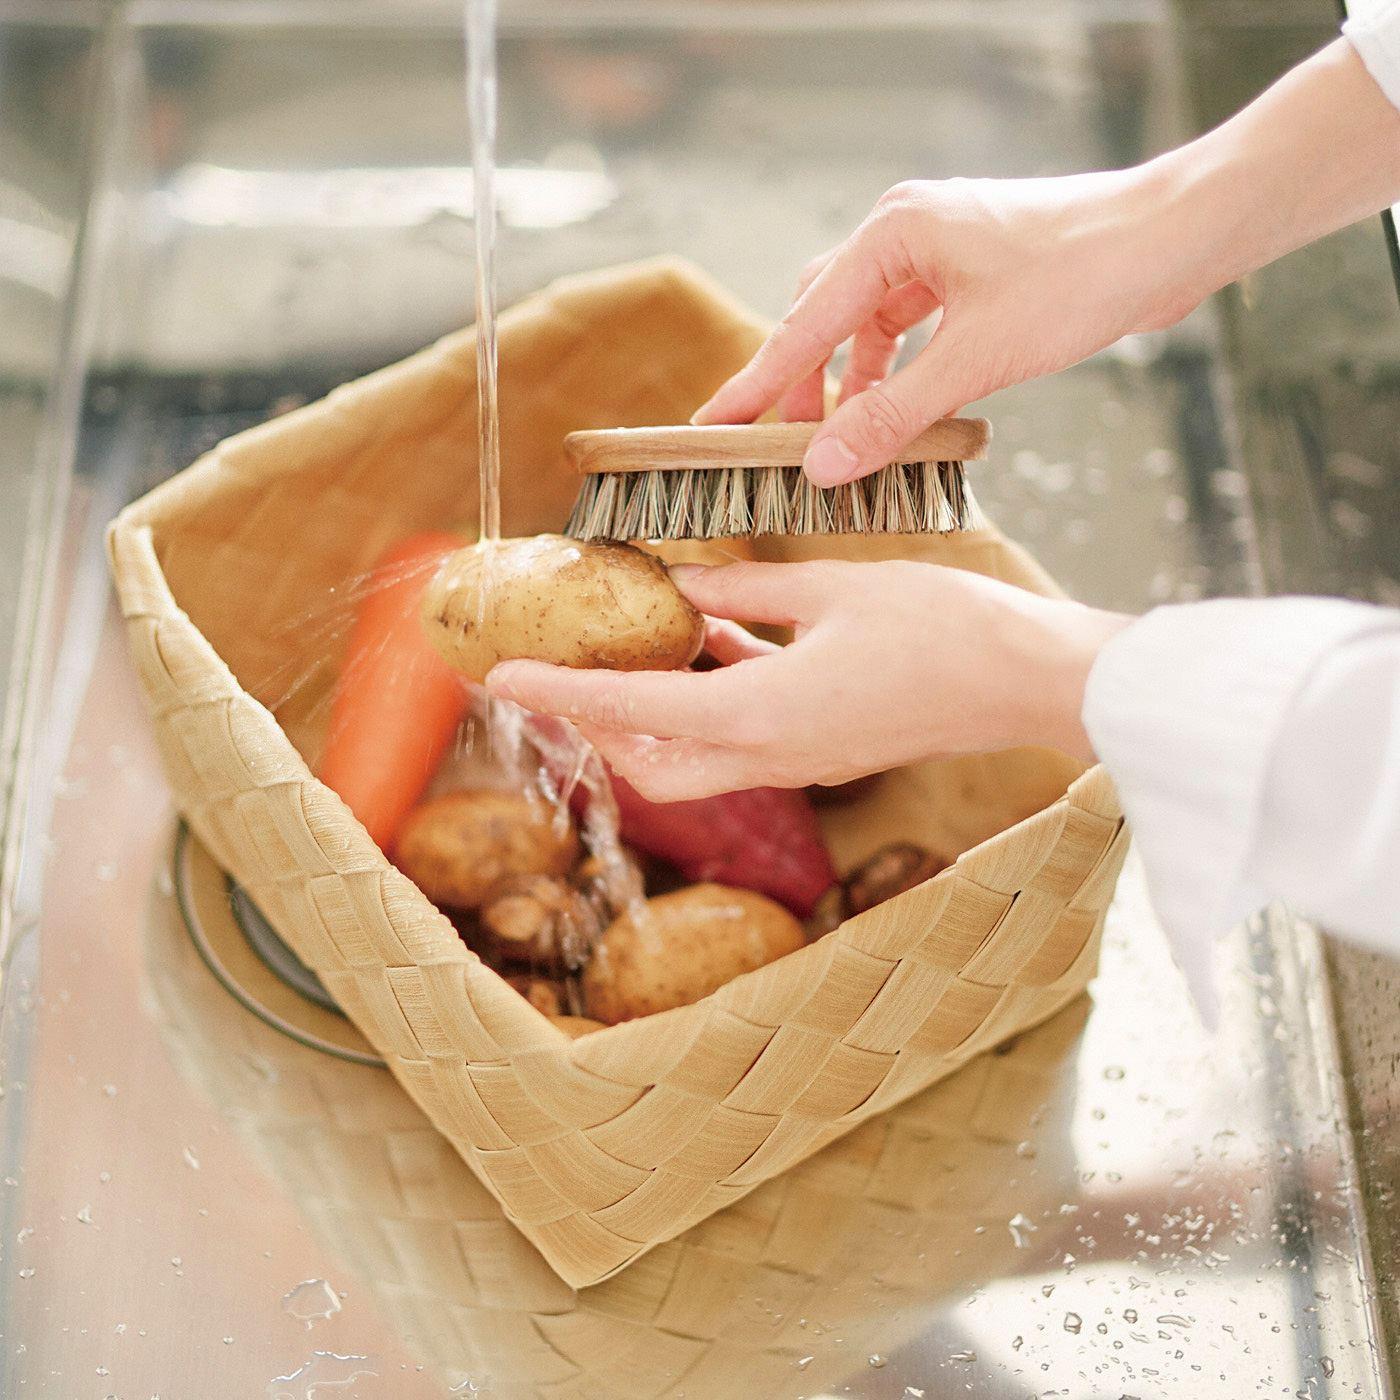 ざる代わりにして野菜も洗えます。野菜のストック入れにはもちろん、そのままジャブジャブ水洗いまでOK。